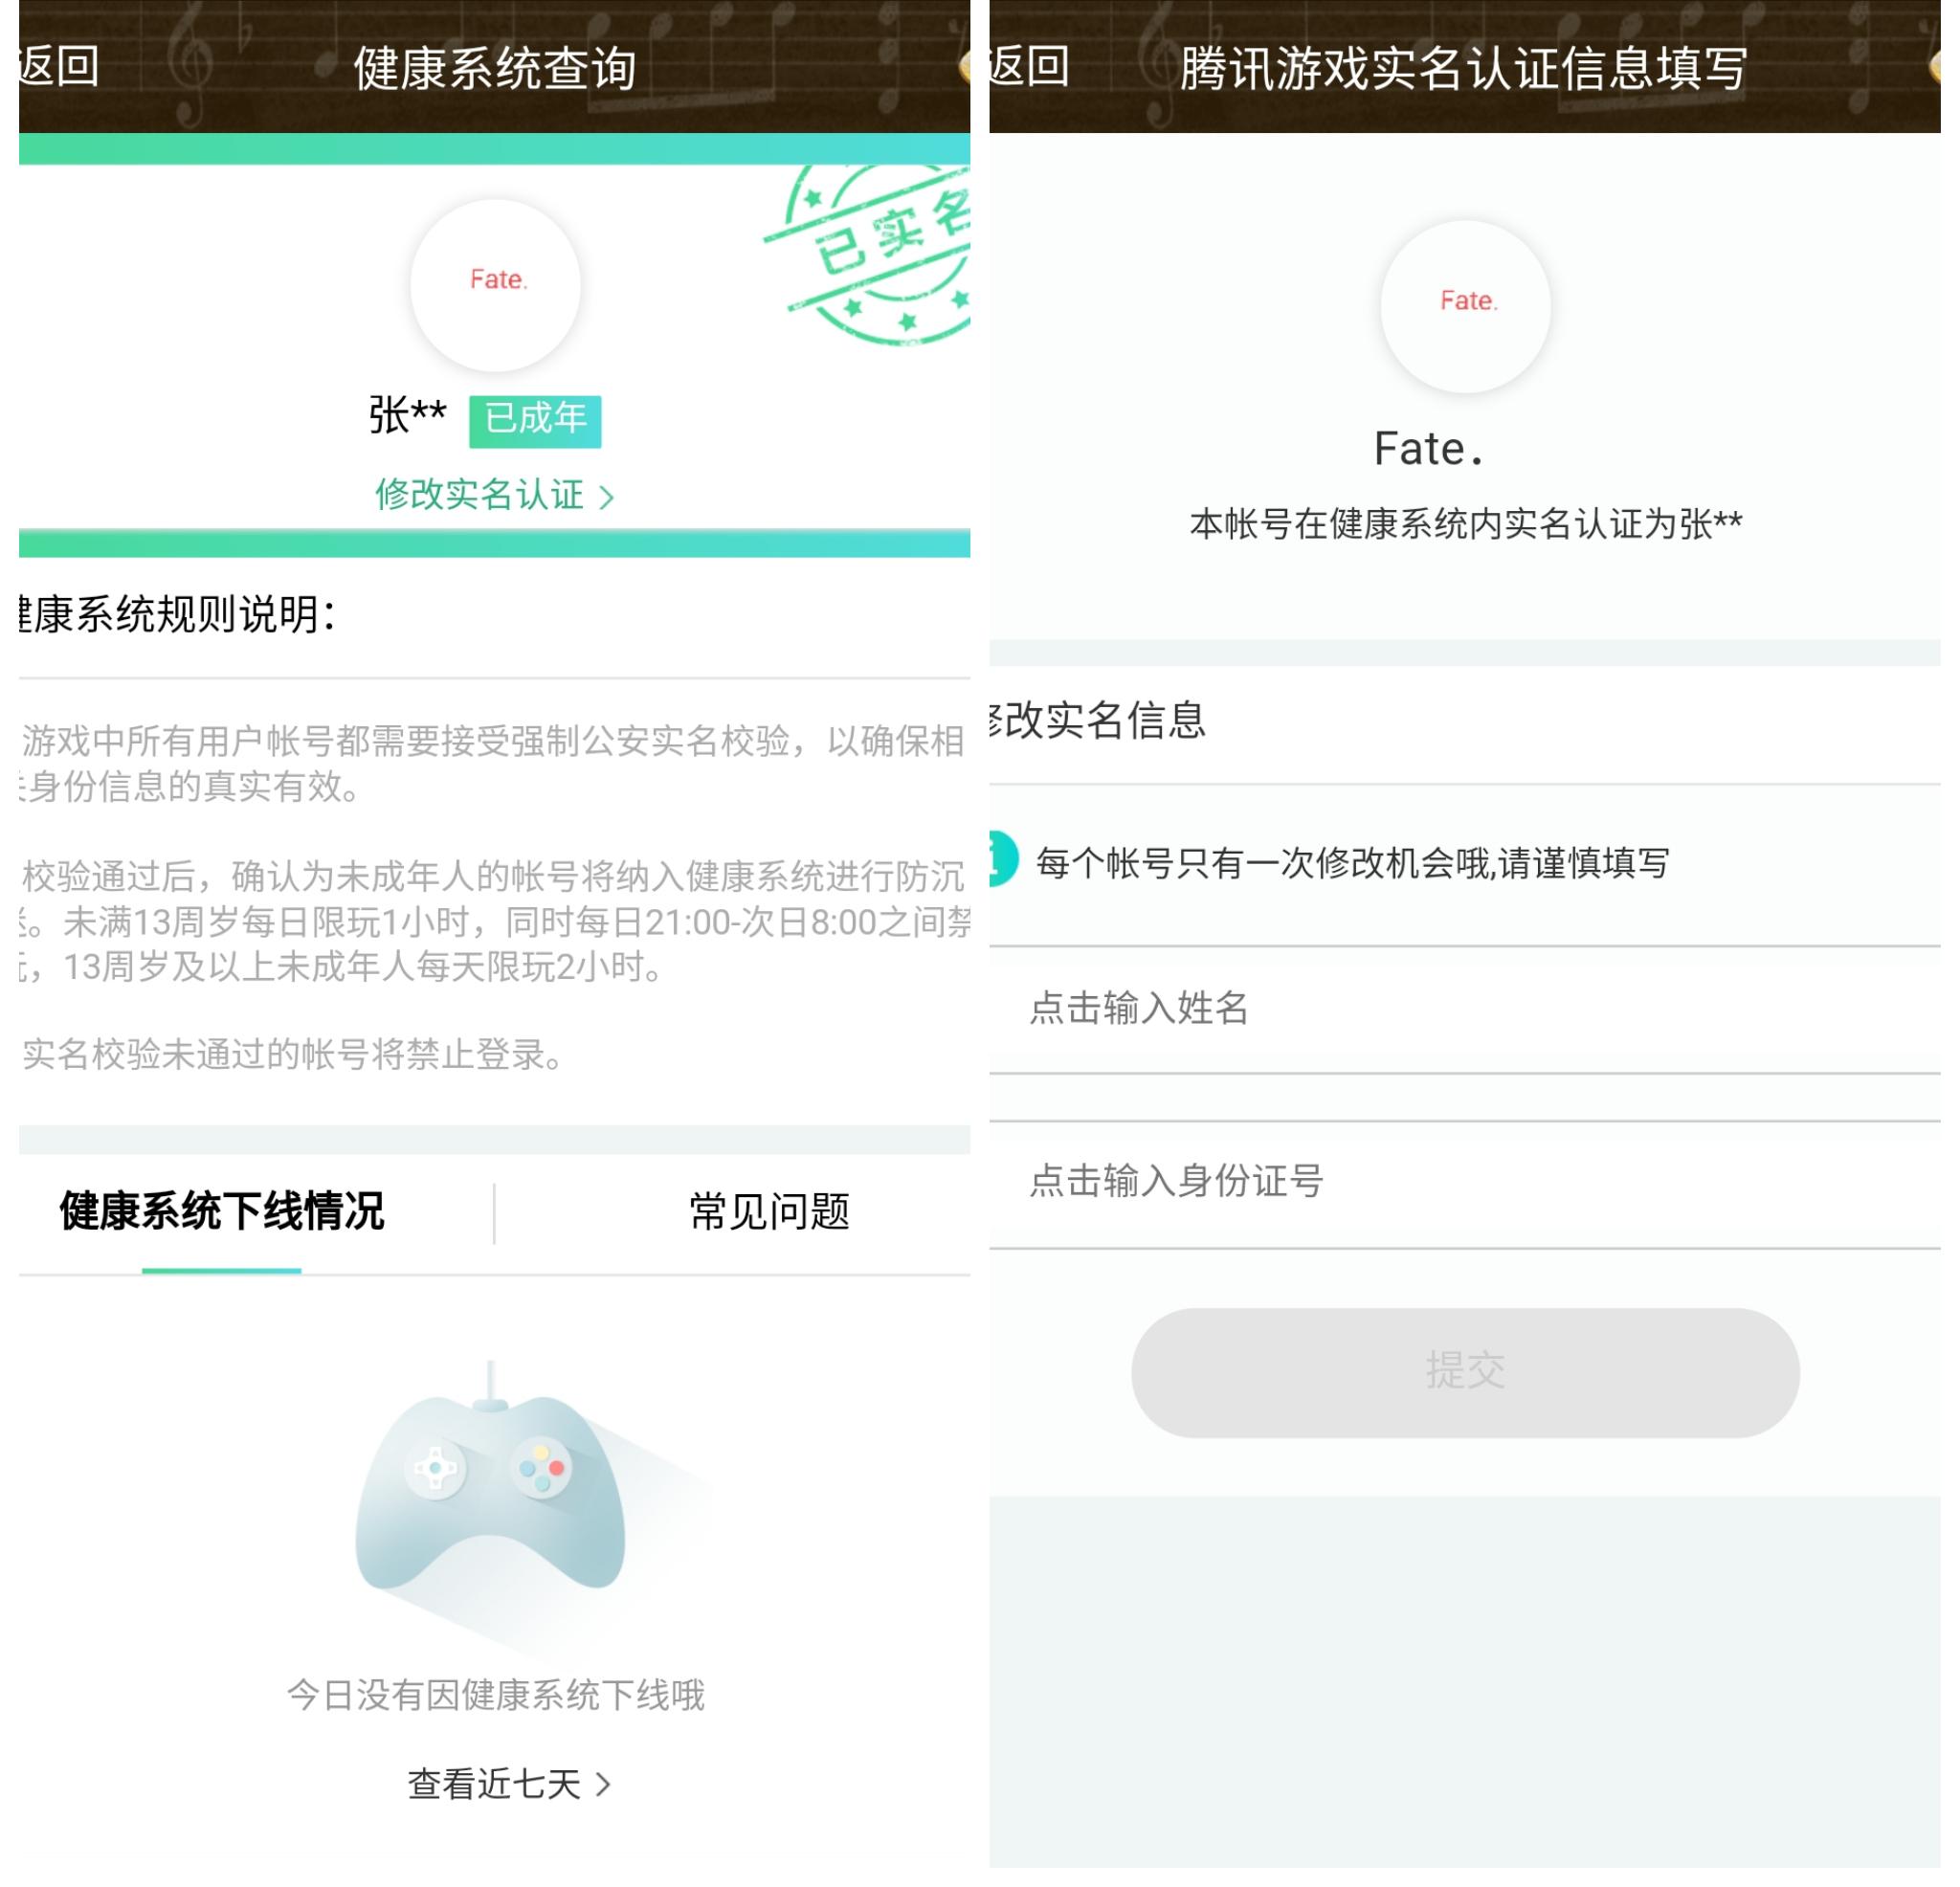 腾讯推出QQ健康系统 可修改防沉迷信息 实名认证后可游戏